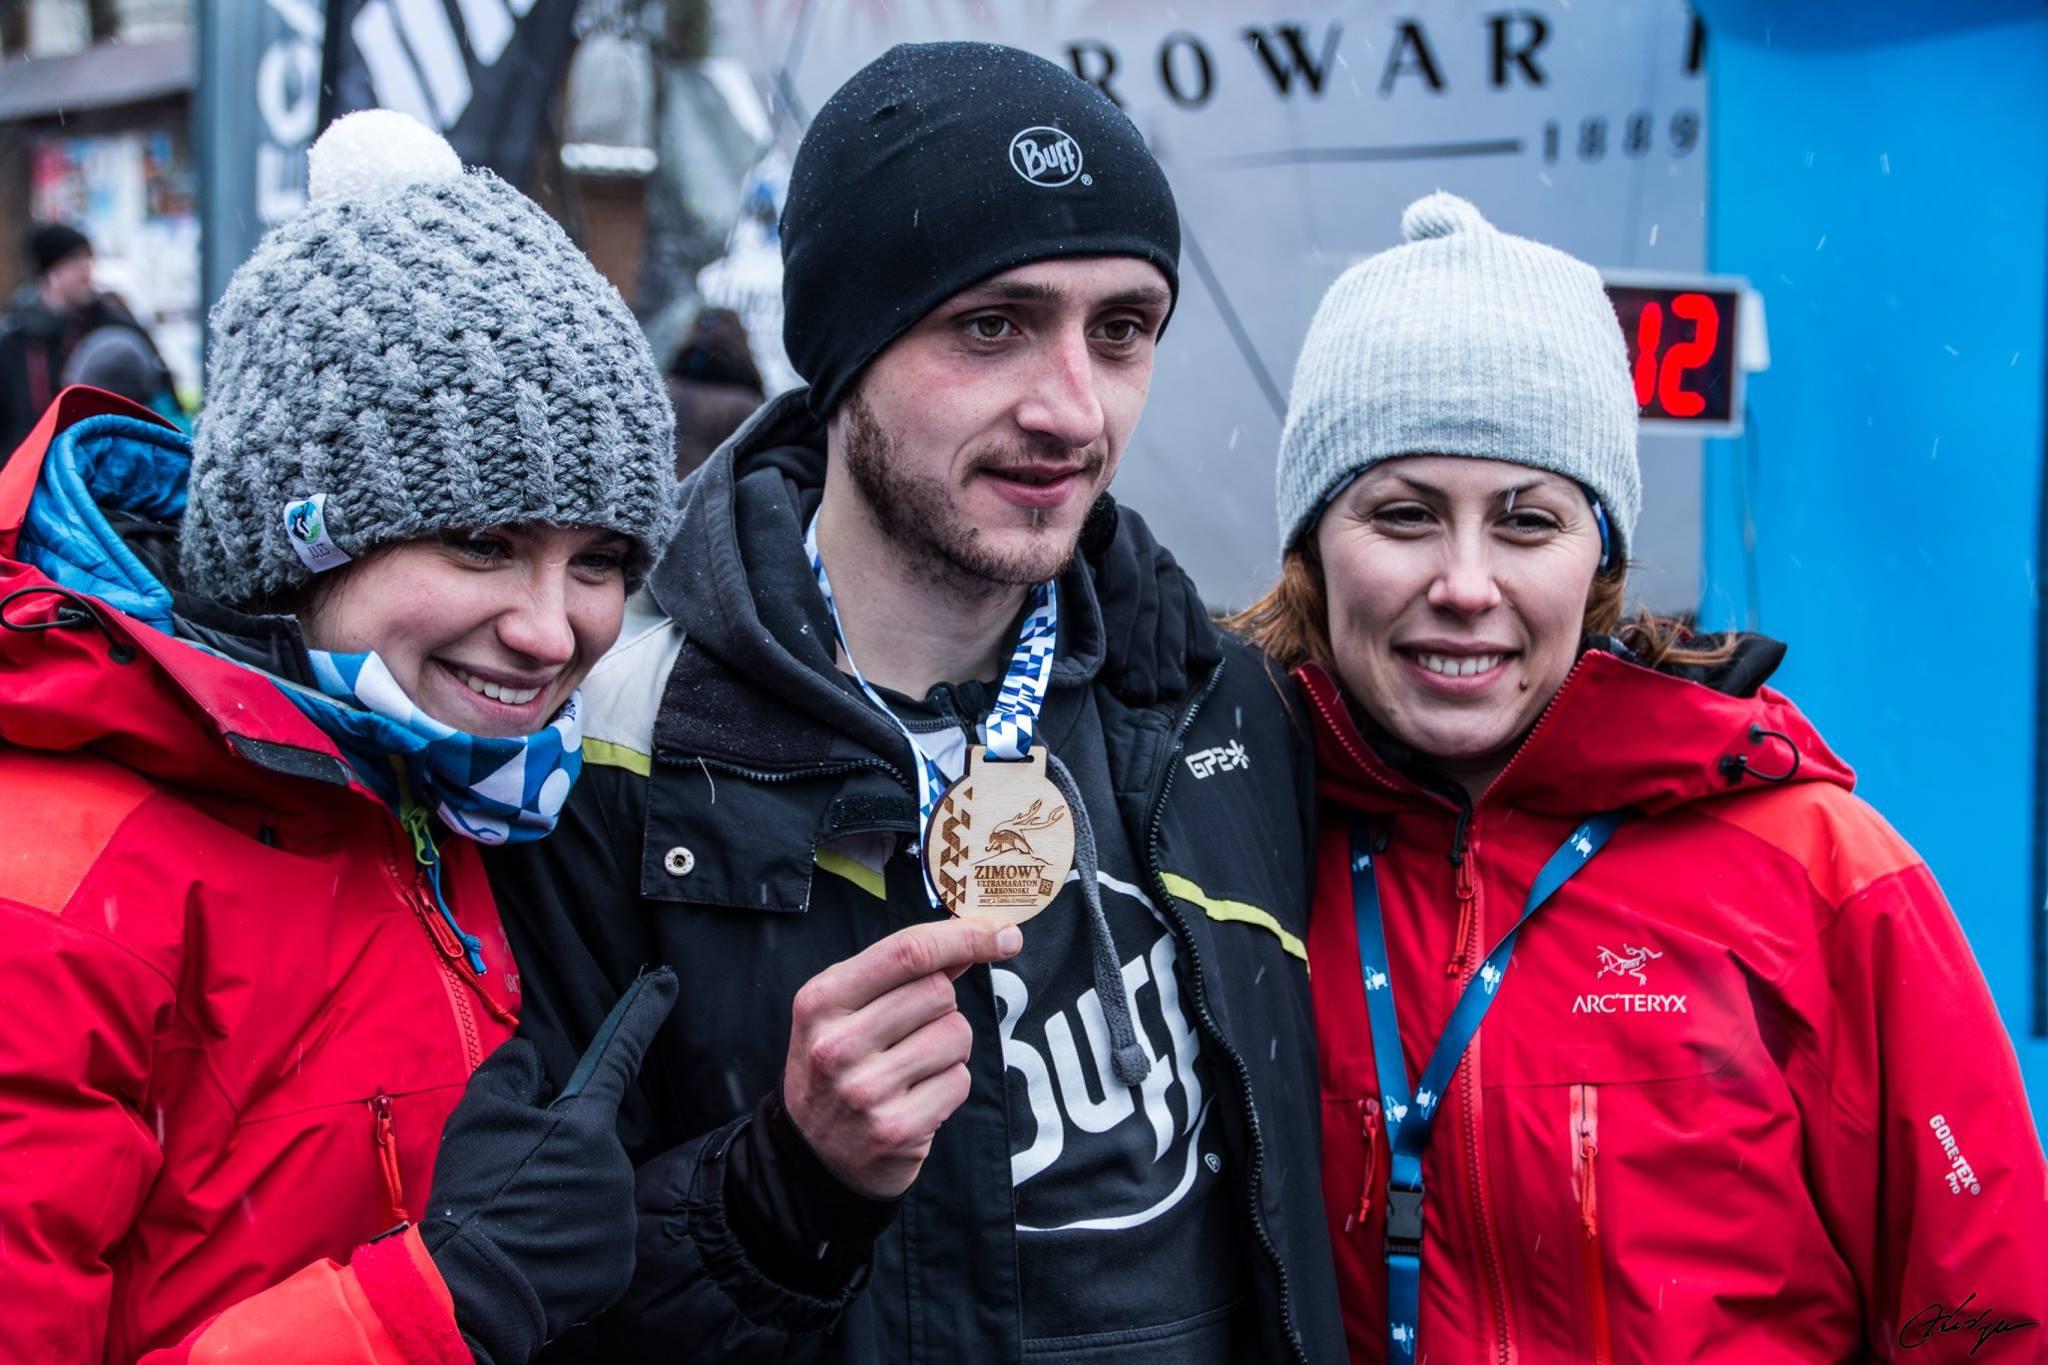 Bartek Gorczyca po zwycięstwie w Zimowym Ultramaratonie Karkonoskim pozuje do zdjęcia z organizatorkami - Anią Kautz i Agnieszką Korpal